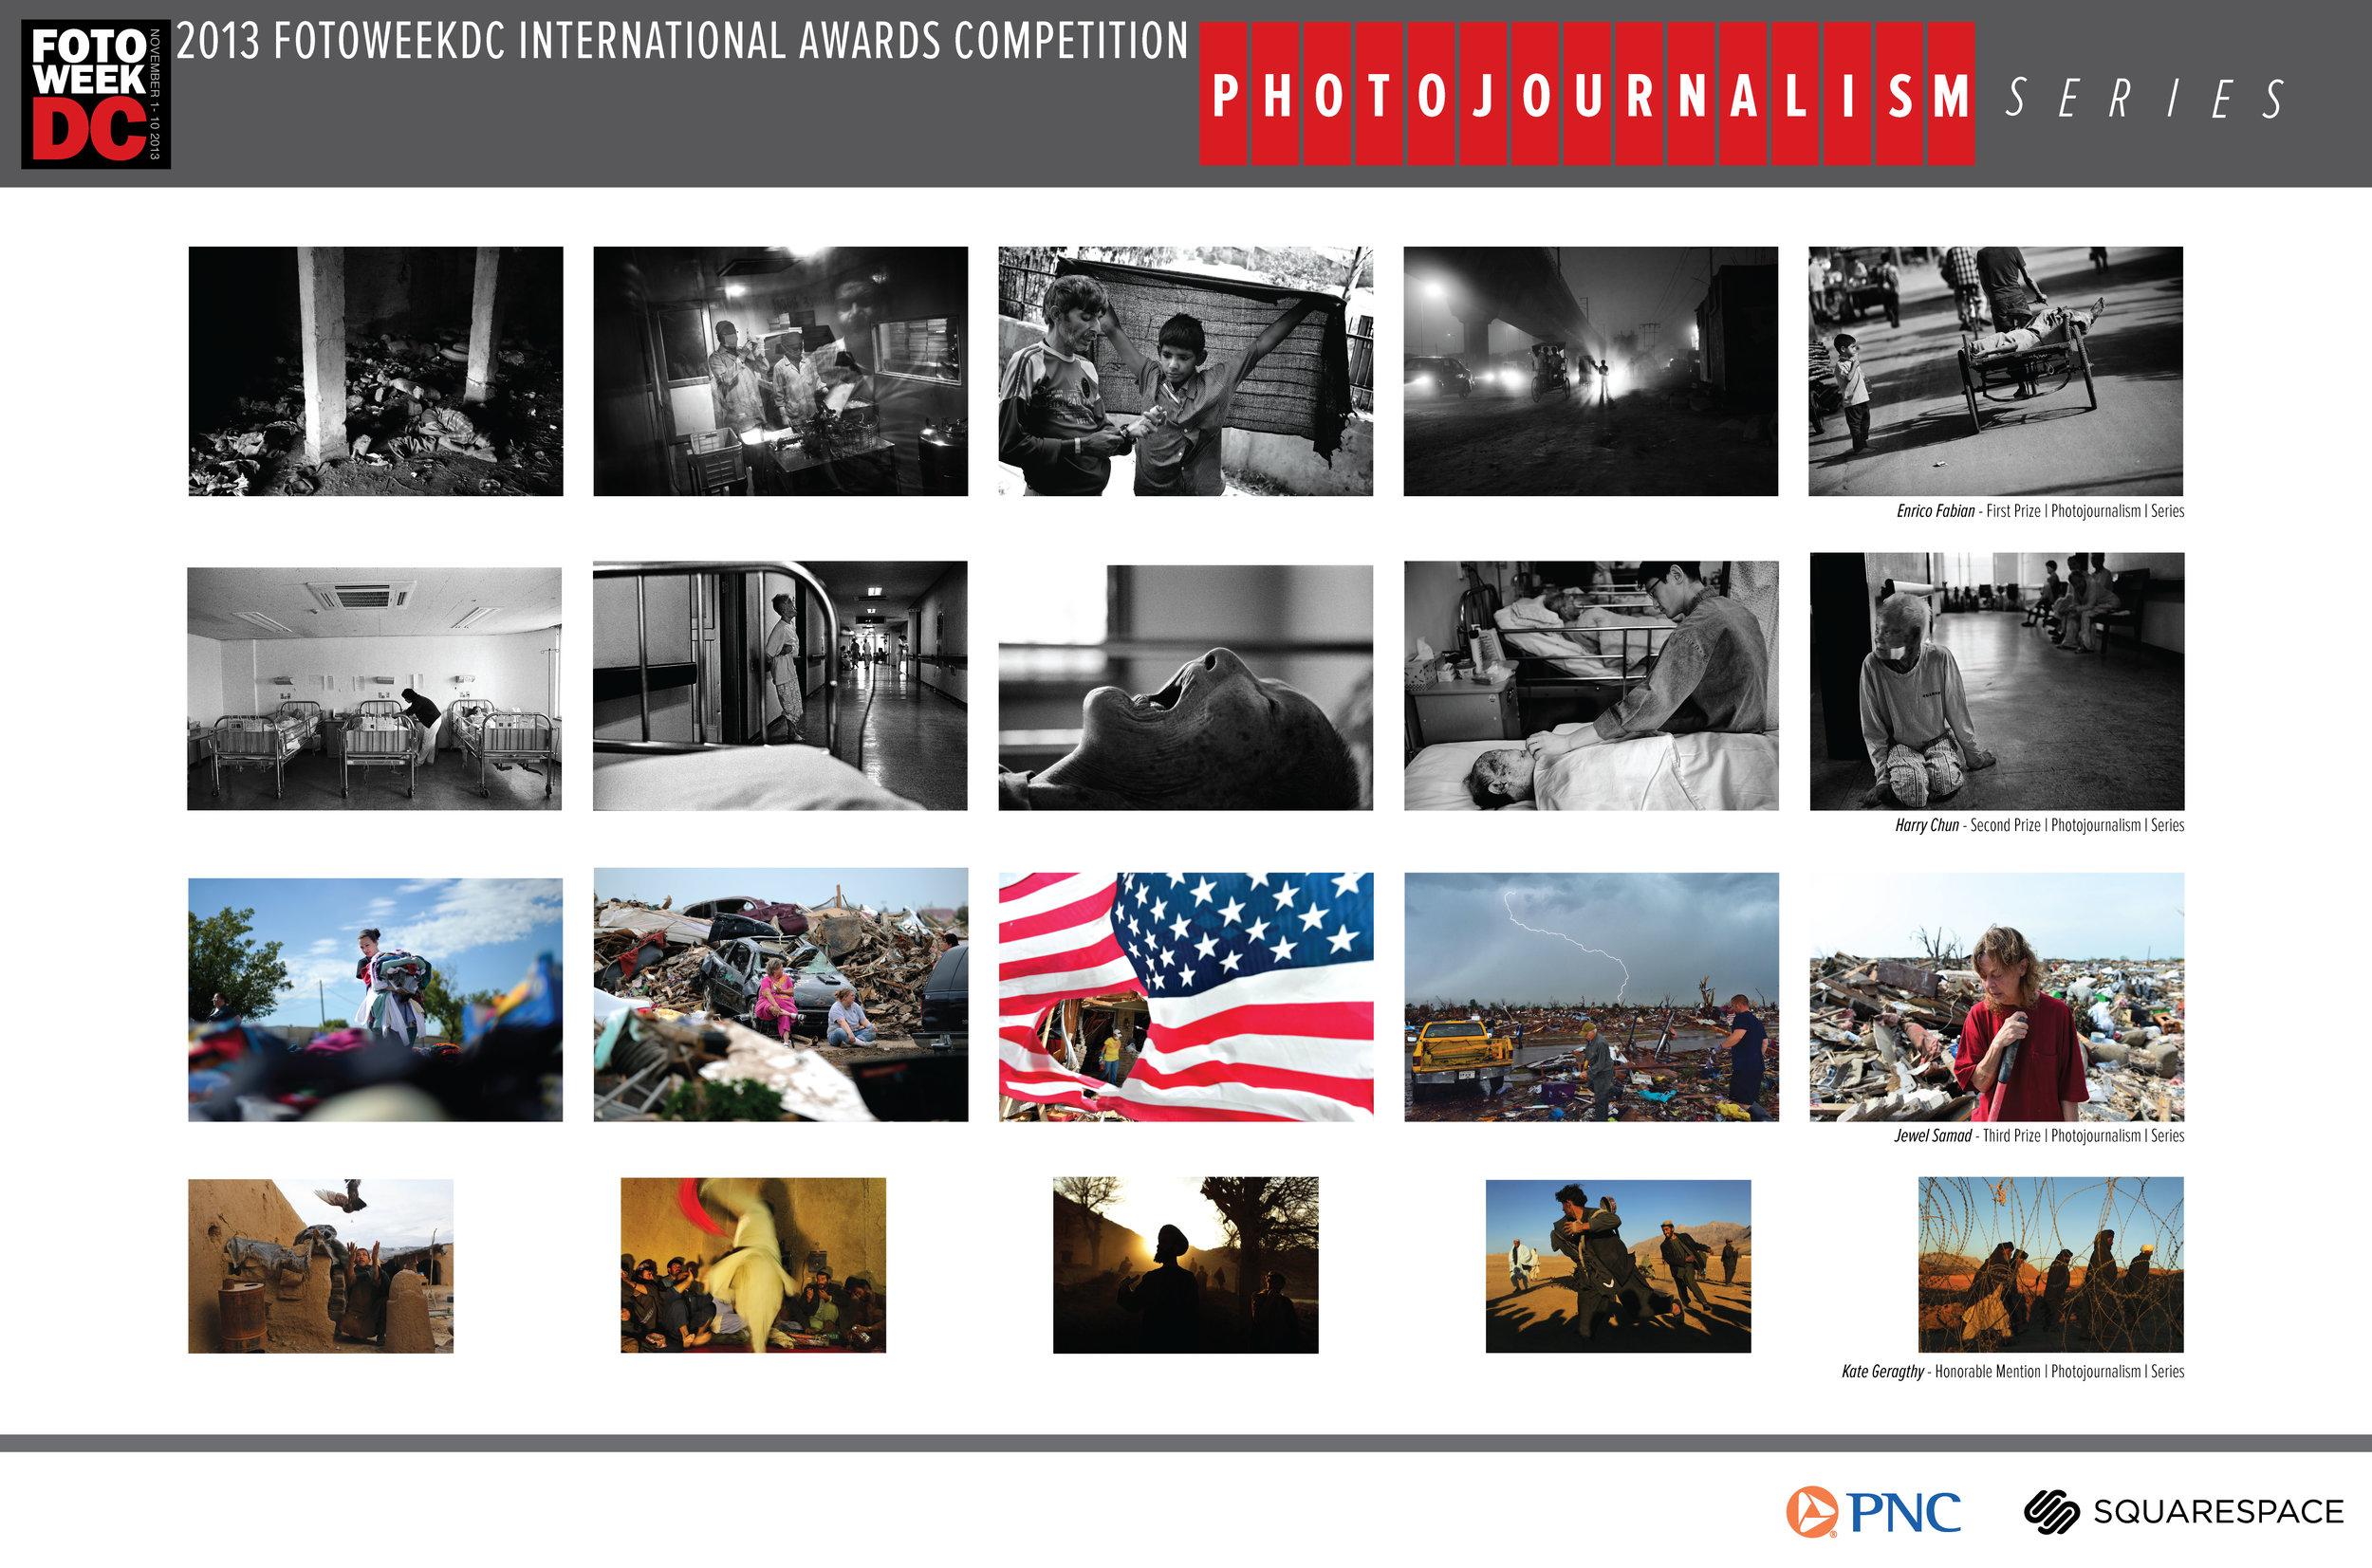 Photojournalism_Series.jpg